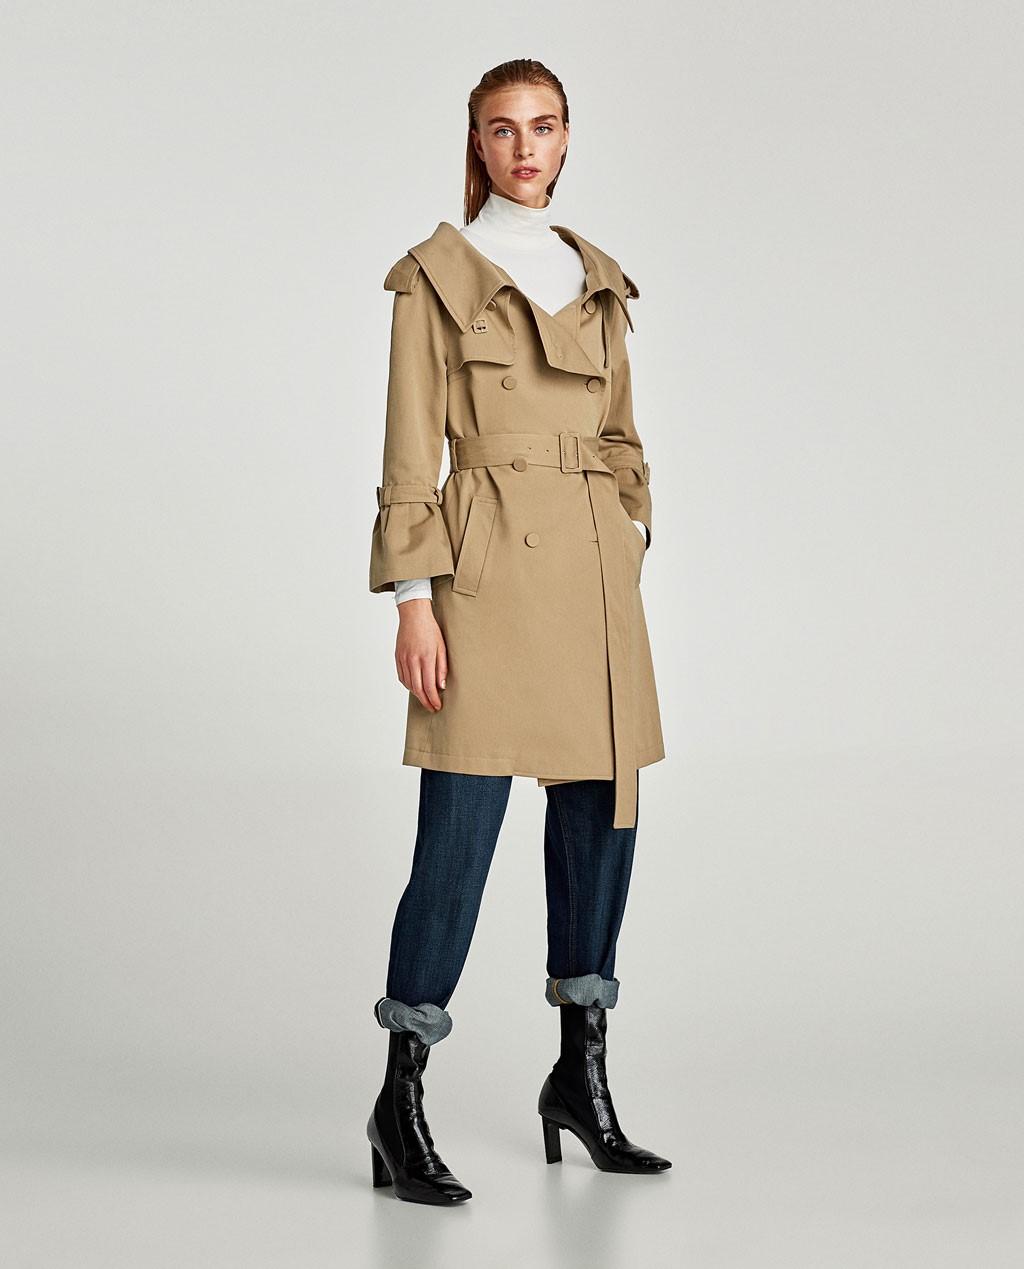 £69.99 online at Zara